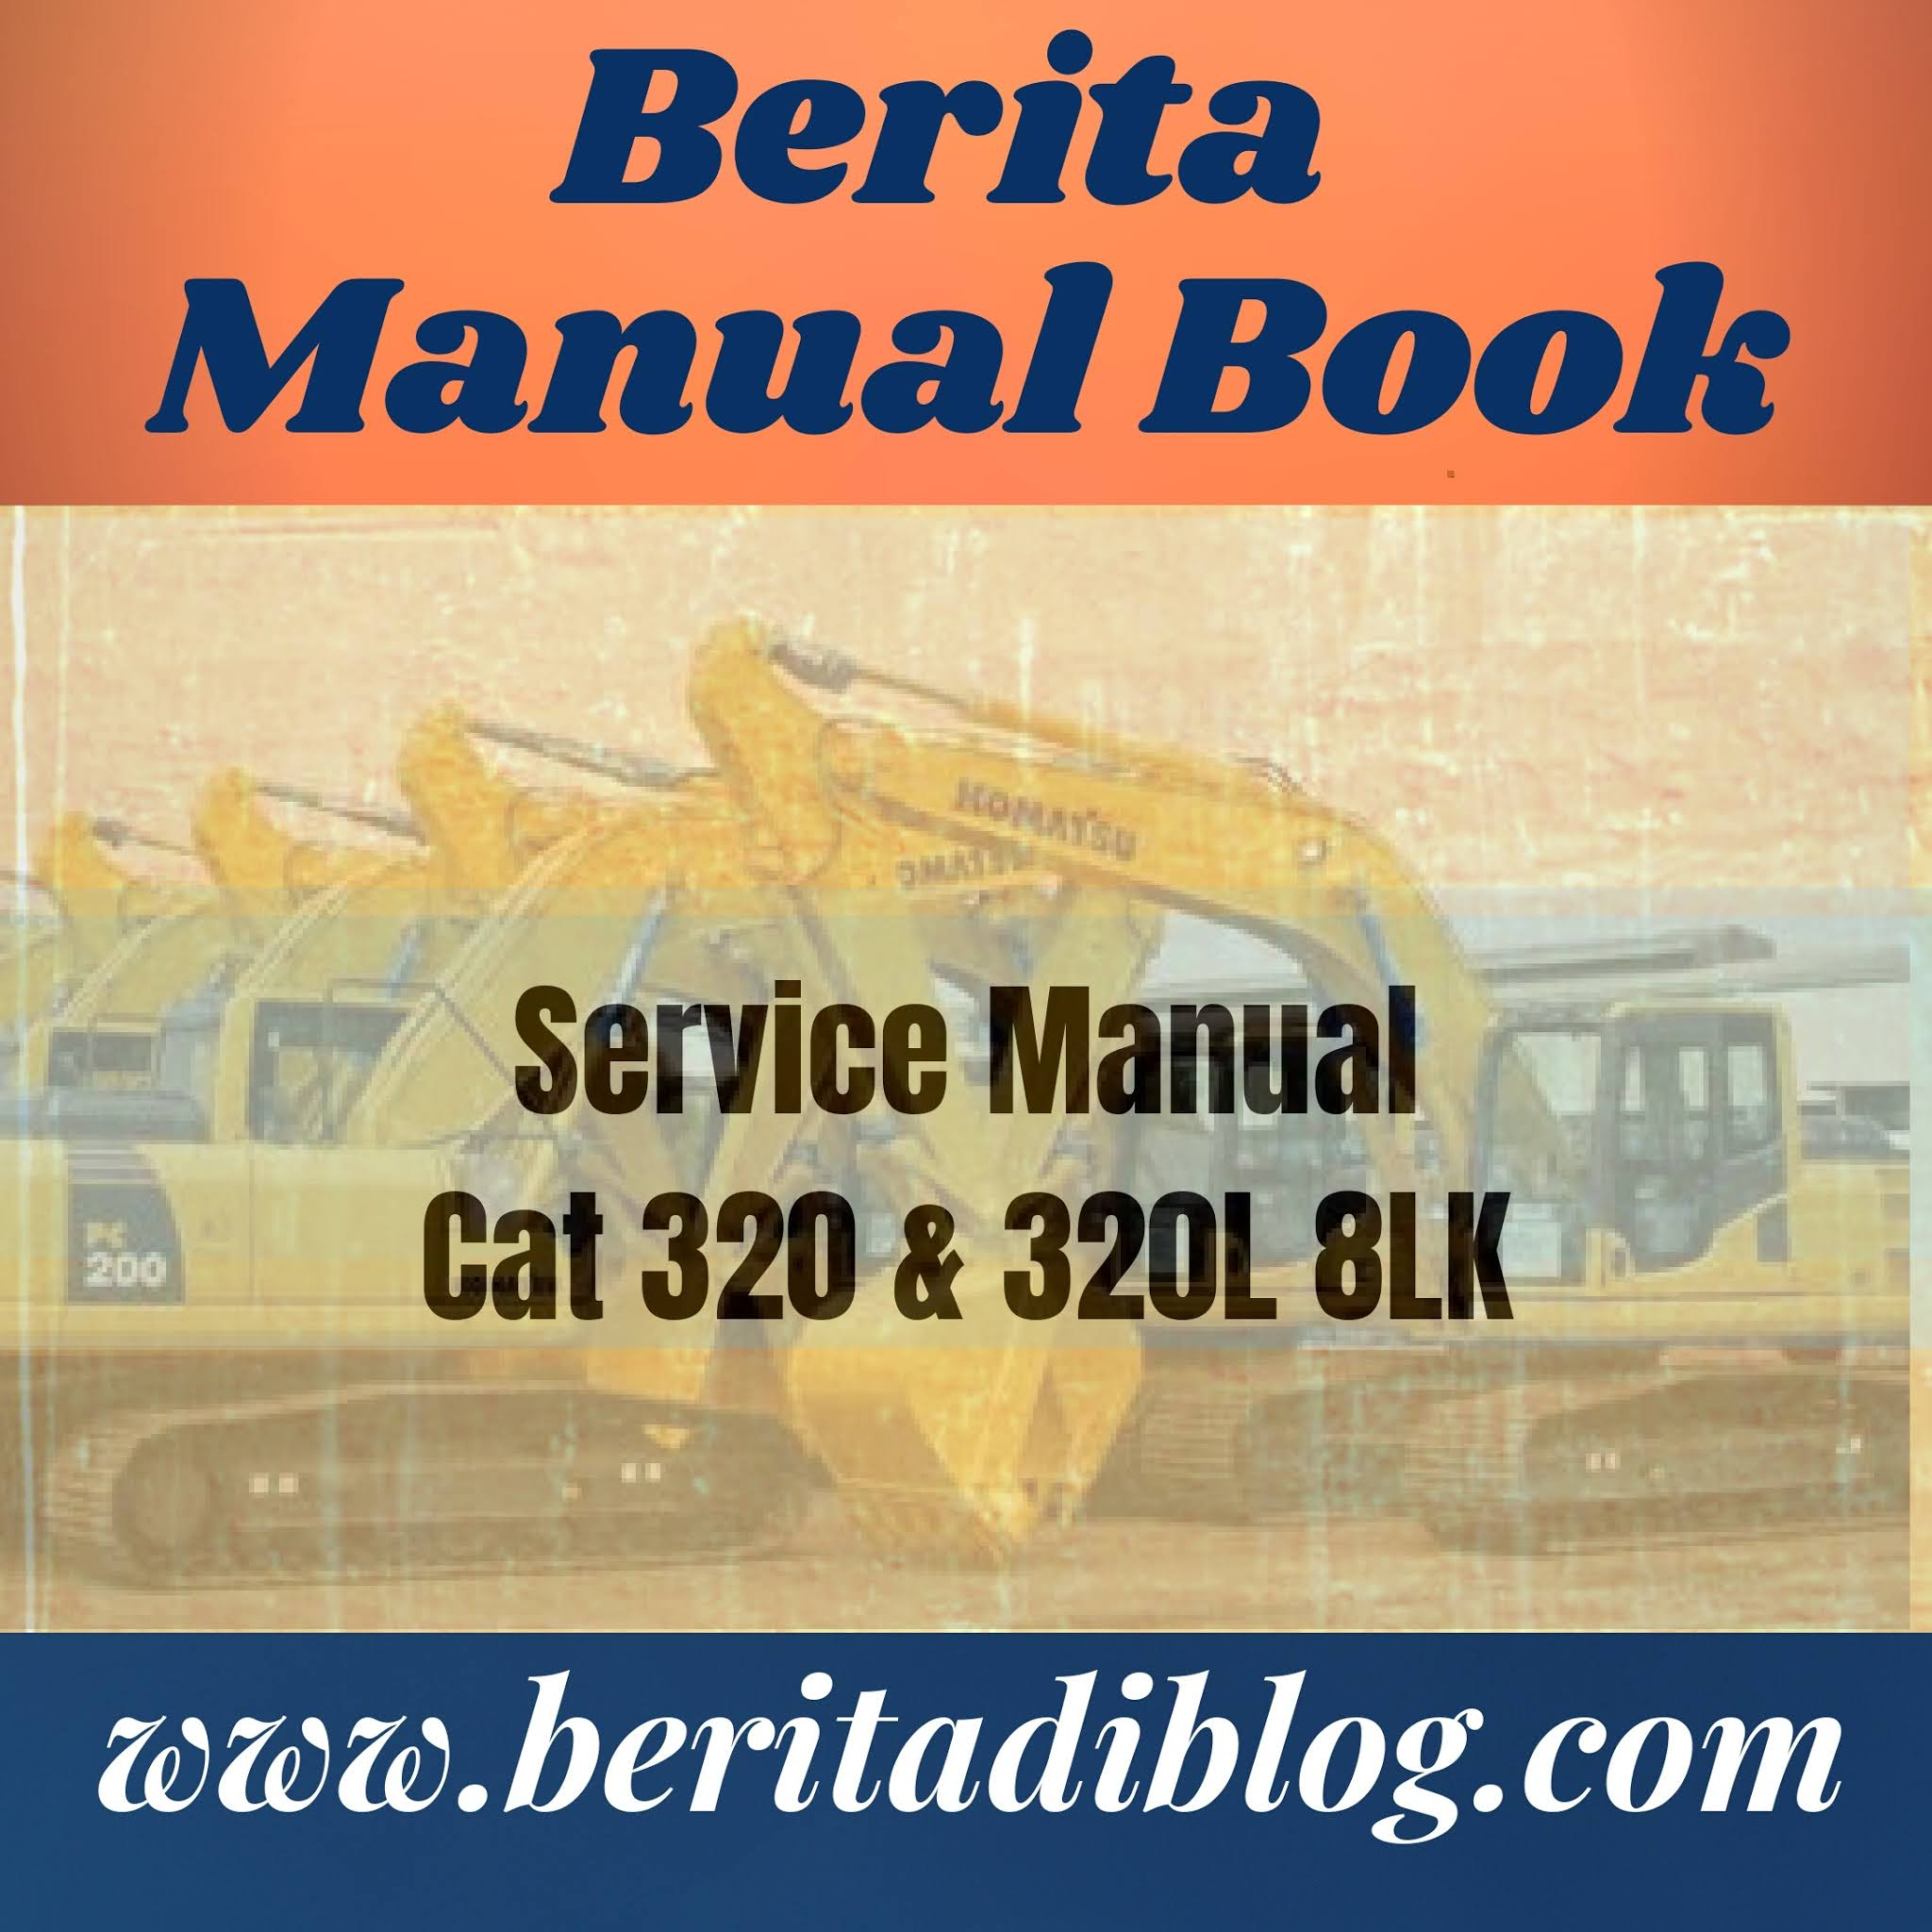 Service Manual Cat 320 & 320L 8LK